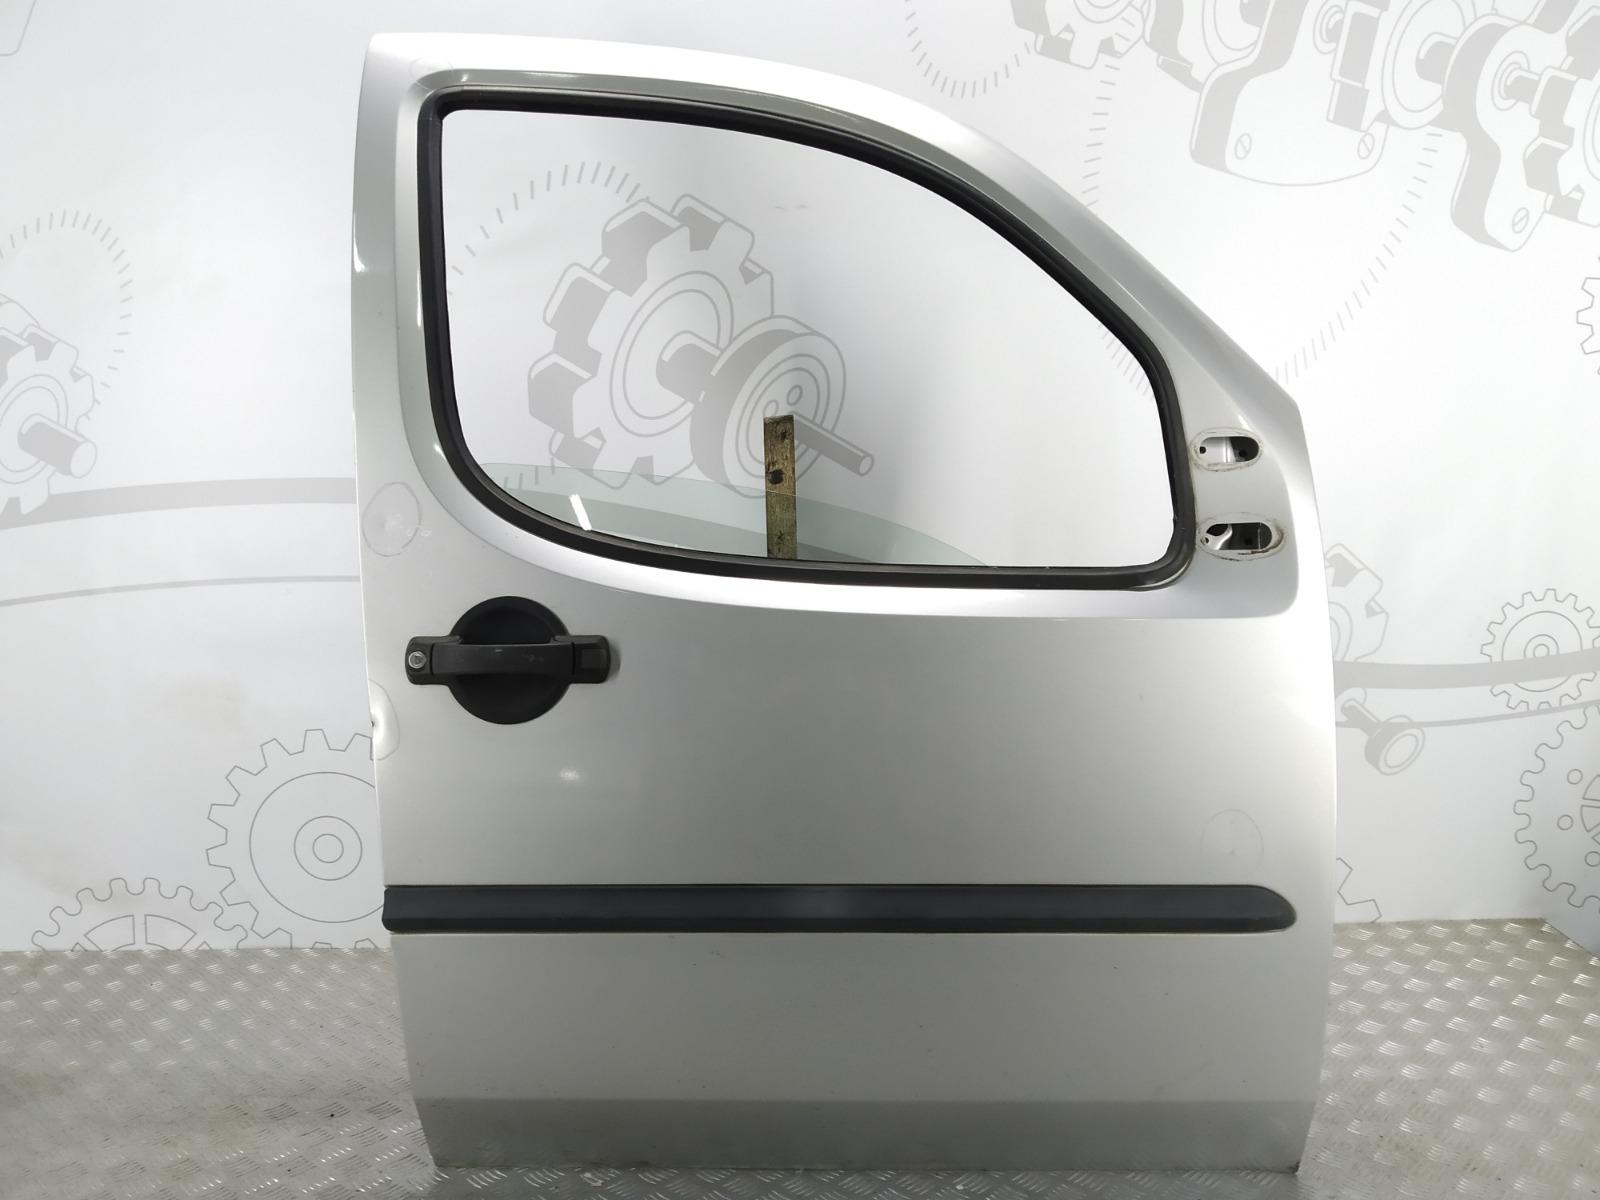 Дверь передняя правая Fiat Doblo 1.9 JTD 2002 (б/у)